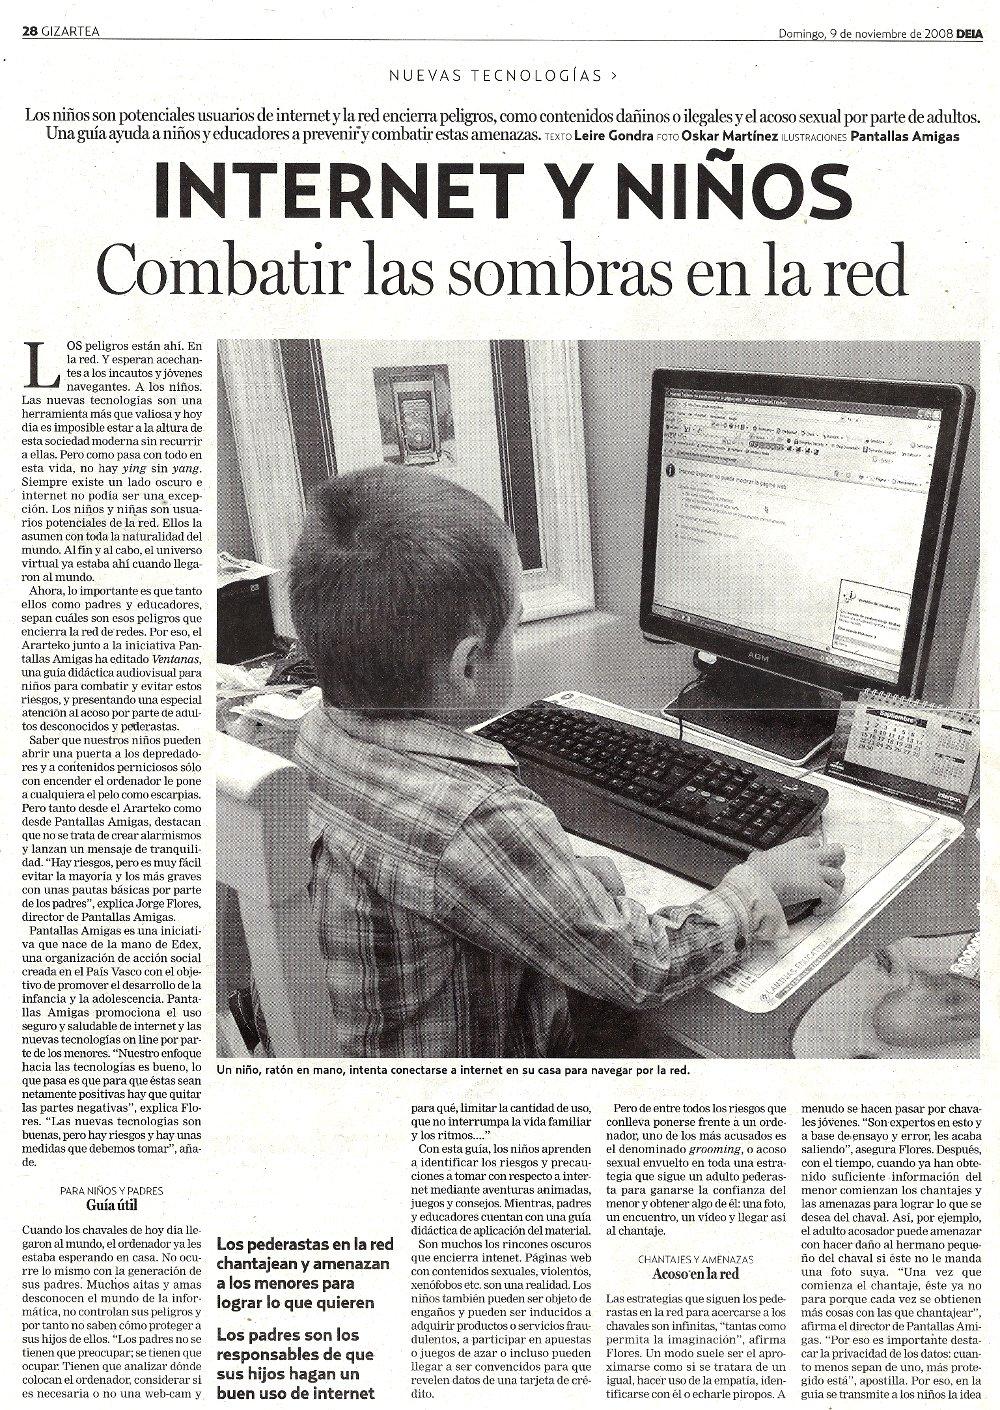 Internet y niños: combatir las sombras en la red (1)